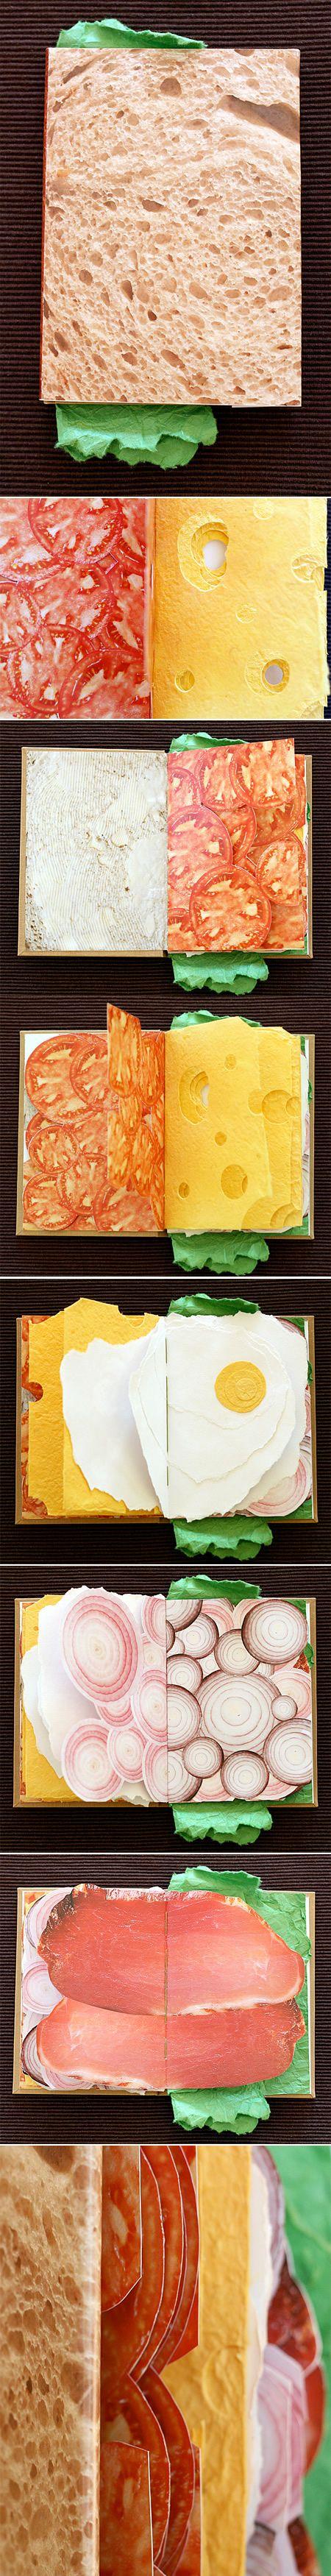 Sandwich Book by Pawel Piotrowski                                                                                                                                                                                 More